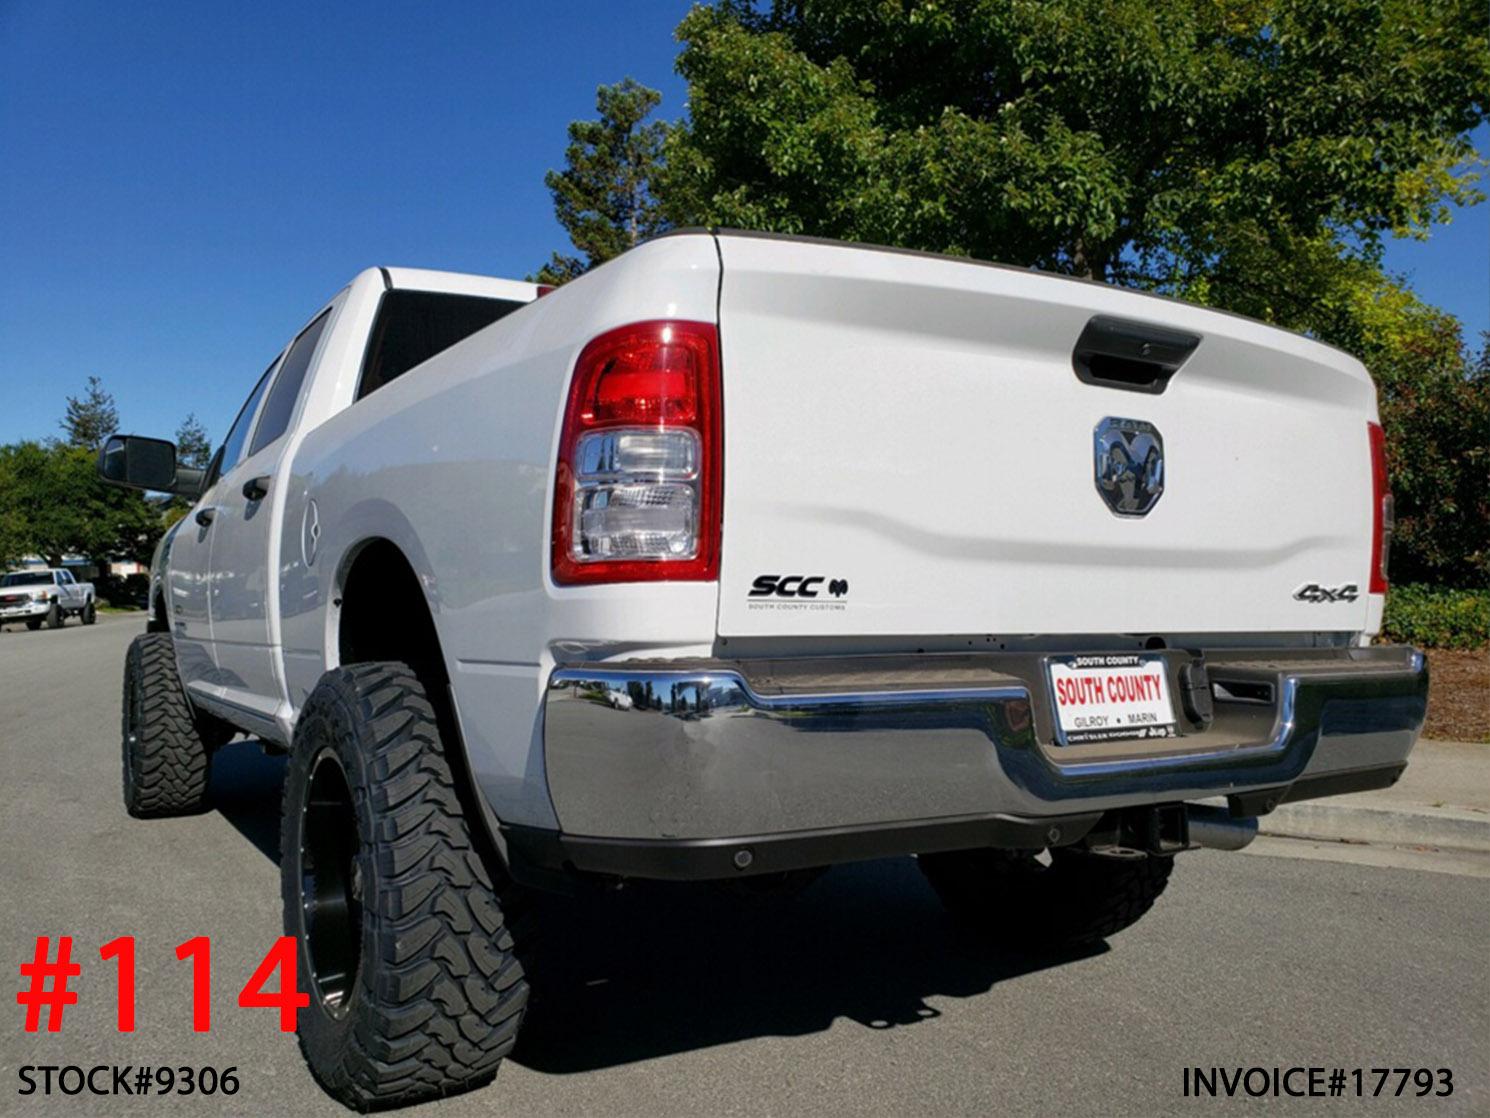 2019 RAM 2500 CREW CAB #9306